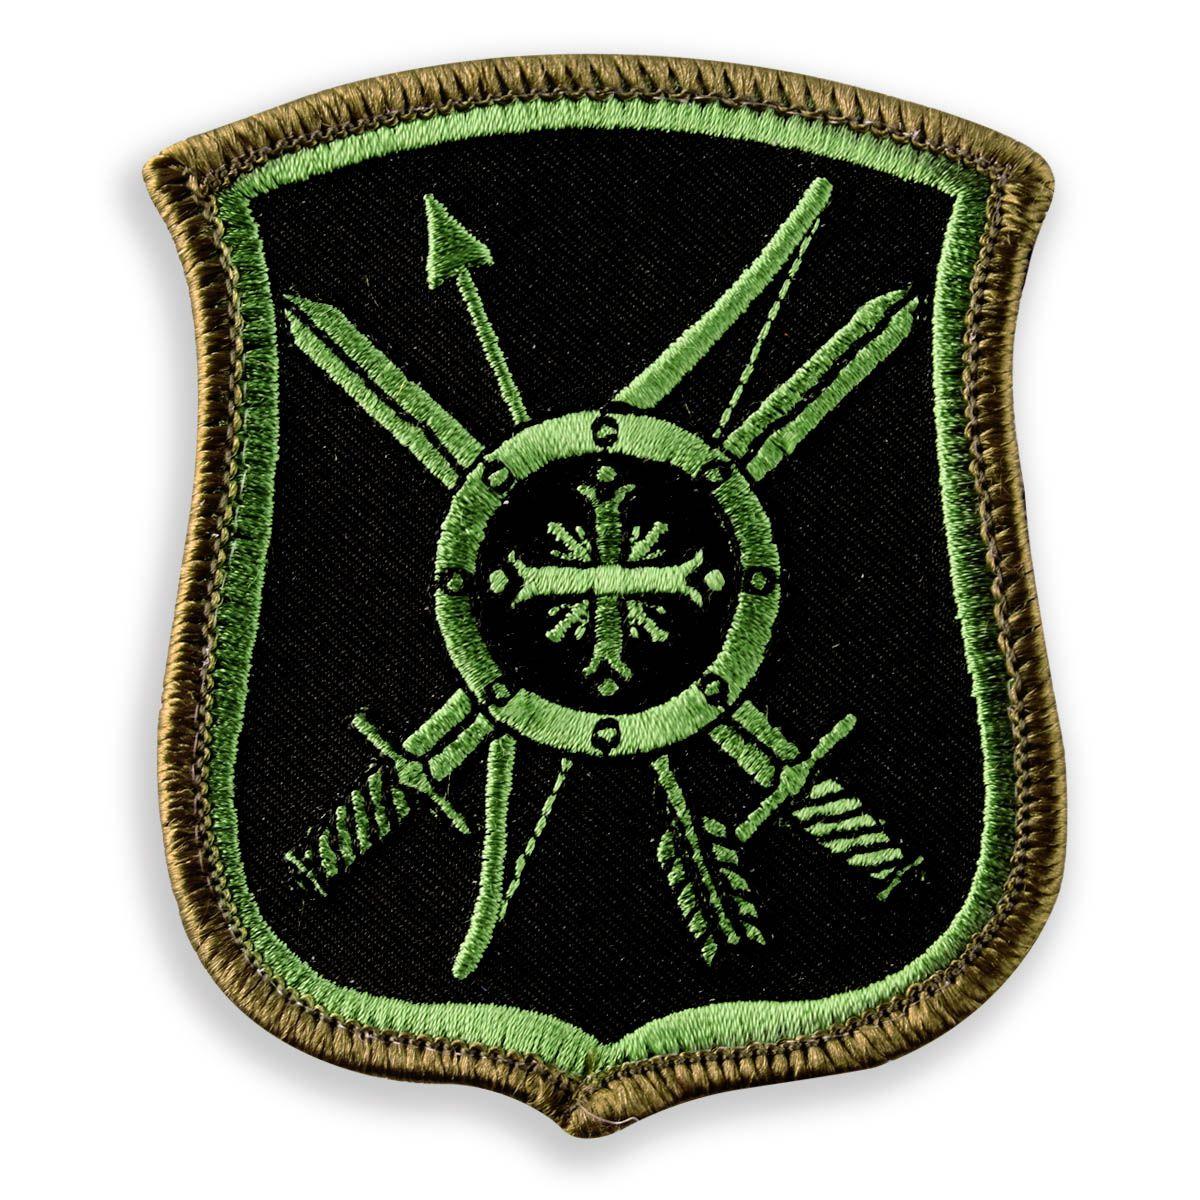 Шеврон на полевую форму 8 ракетная дивизия РВСН